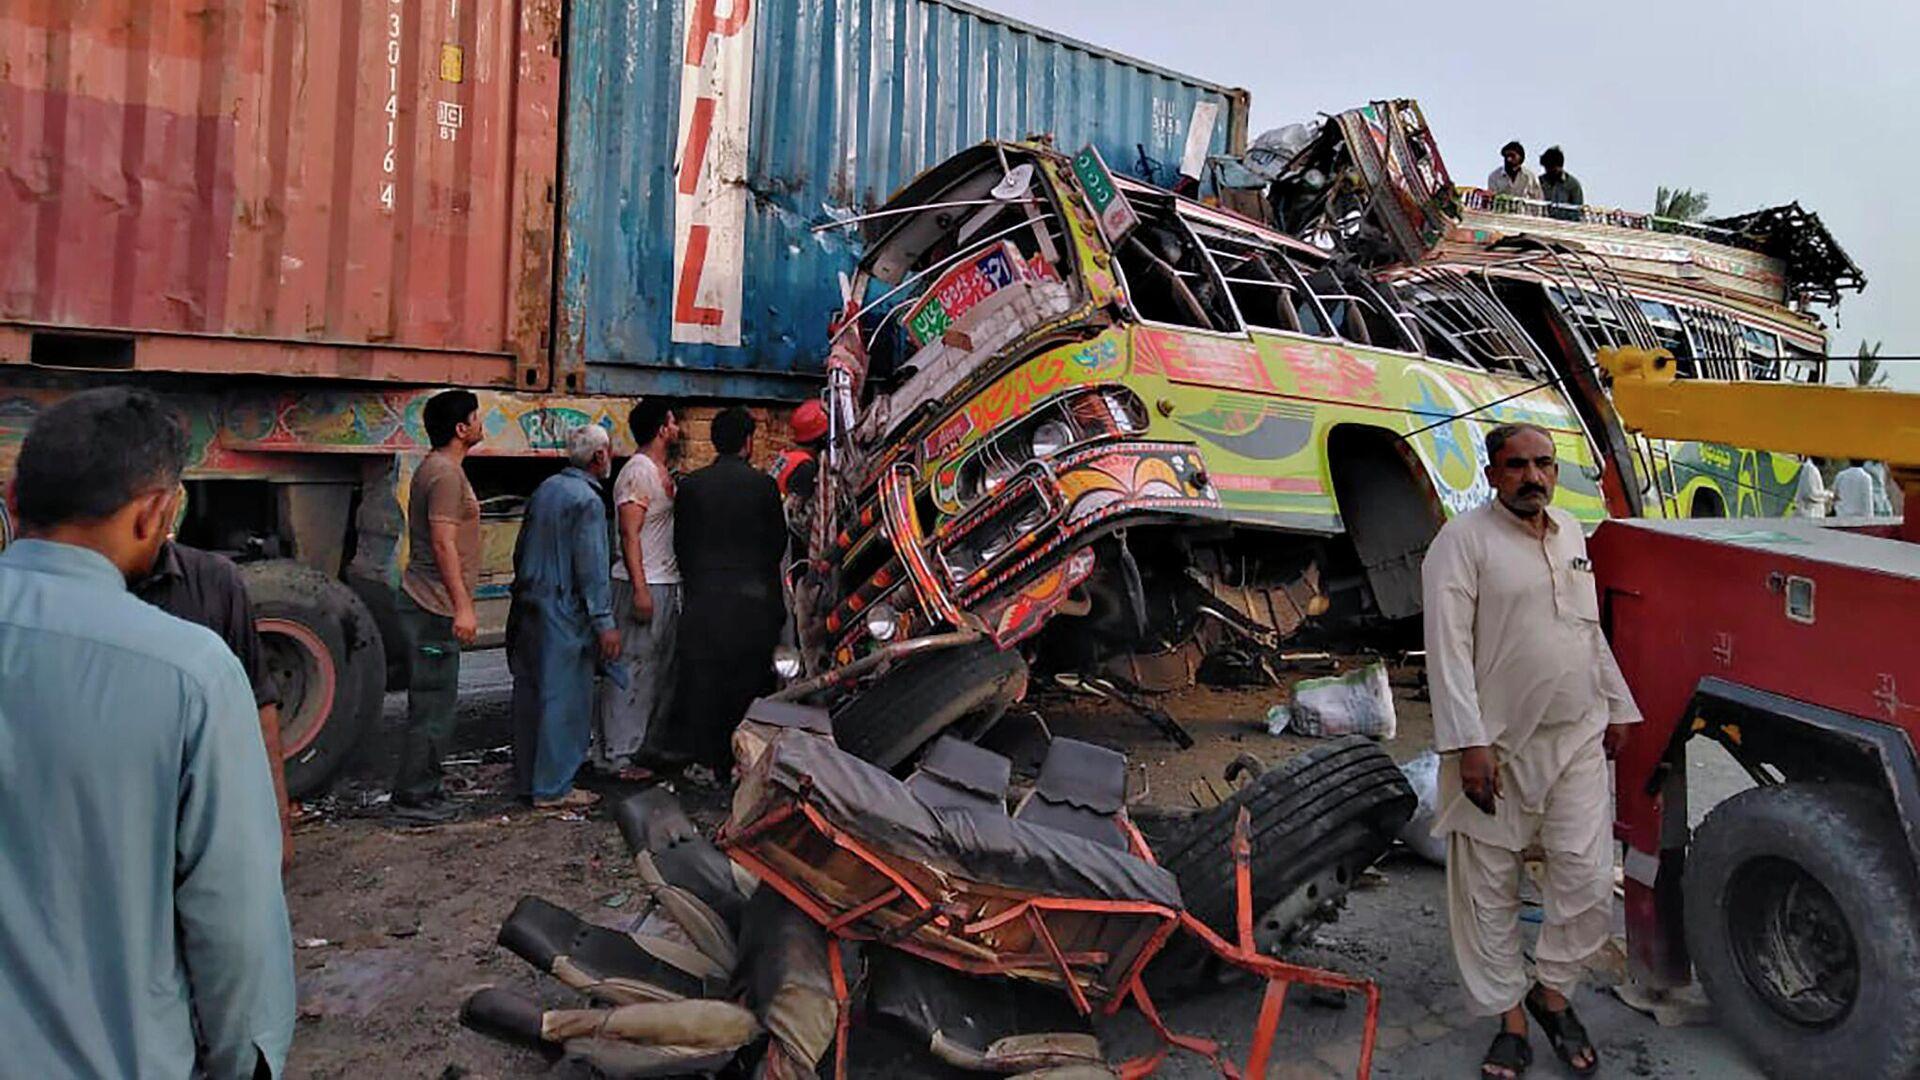 На месте столкновения пассажирского автобуса с большегрузным автомобилем в провинции Пенджаб, Пакистан - РИА Новости, 1920, 13.09.2021